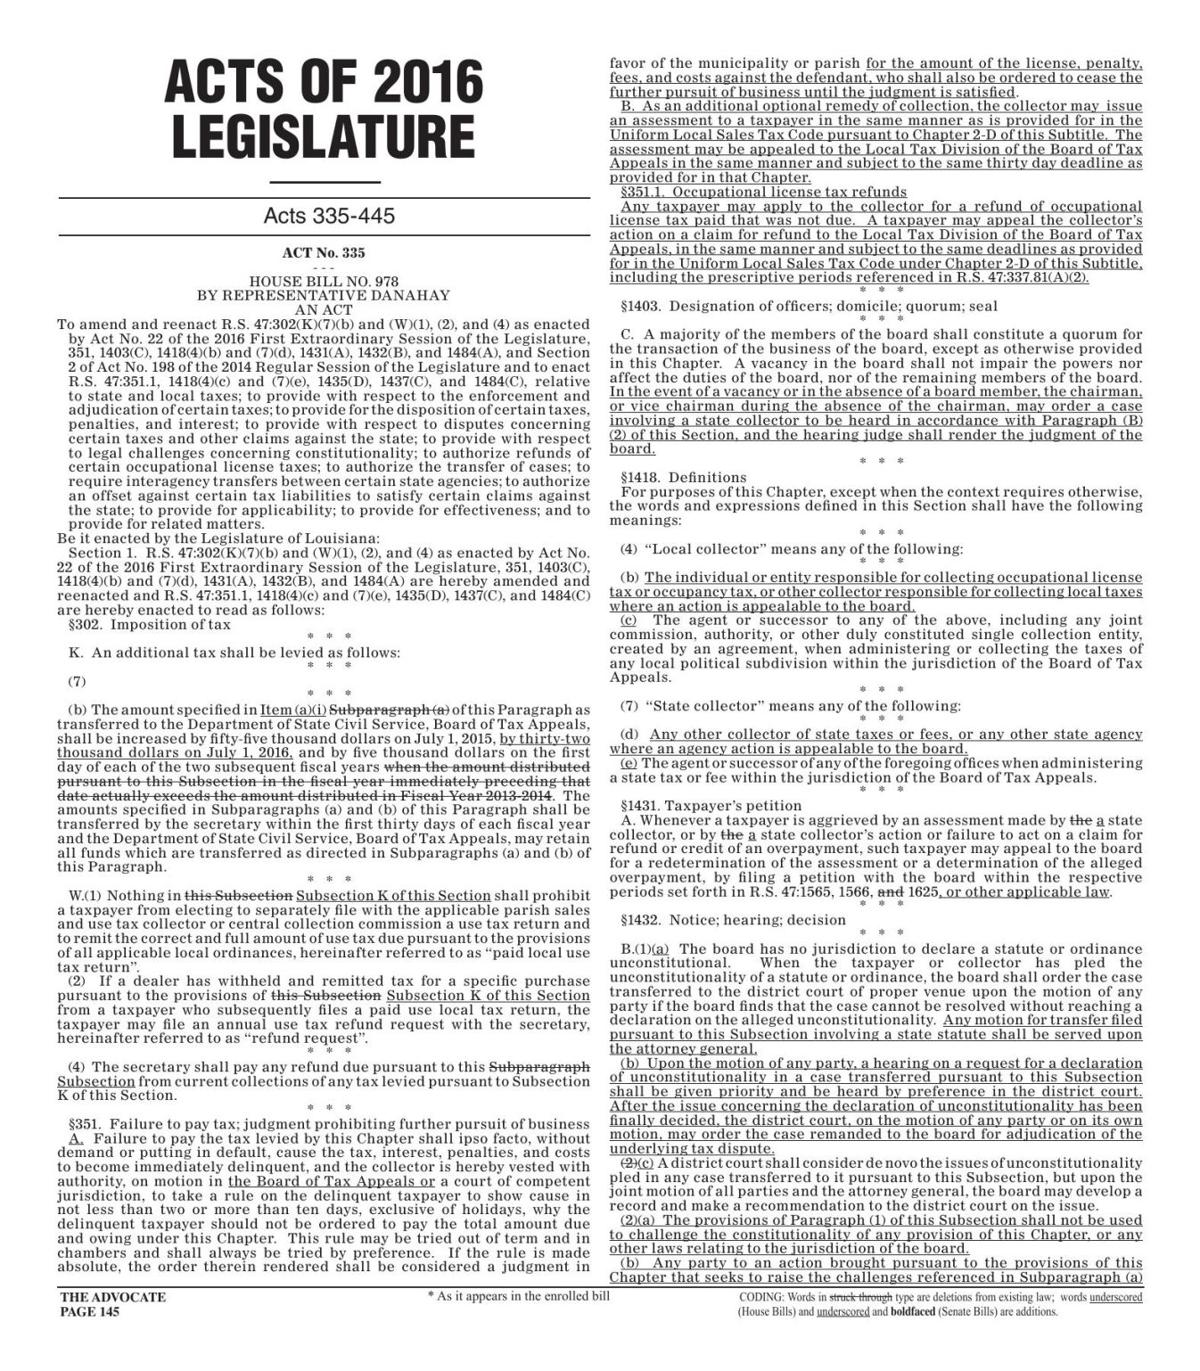 ActTab_4_2016.pdf